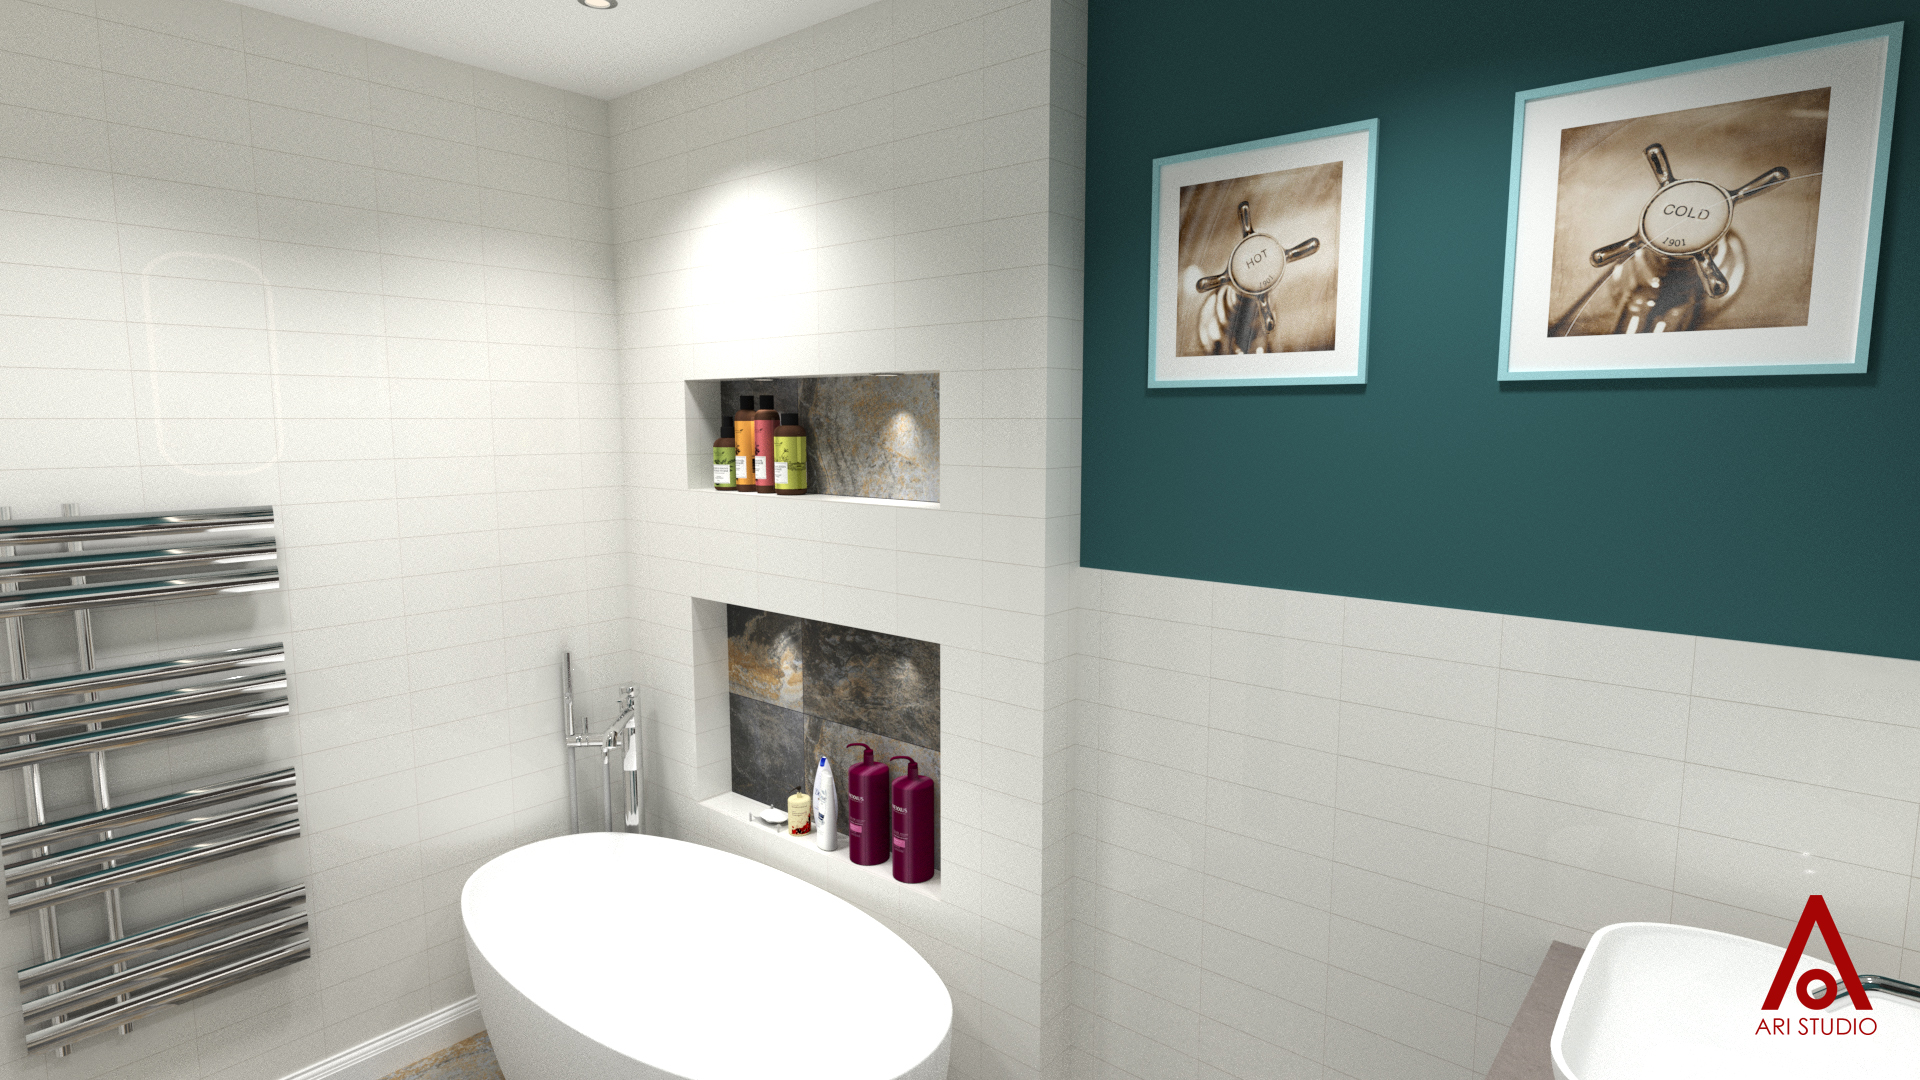 Bathroom Design by Ari Studio